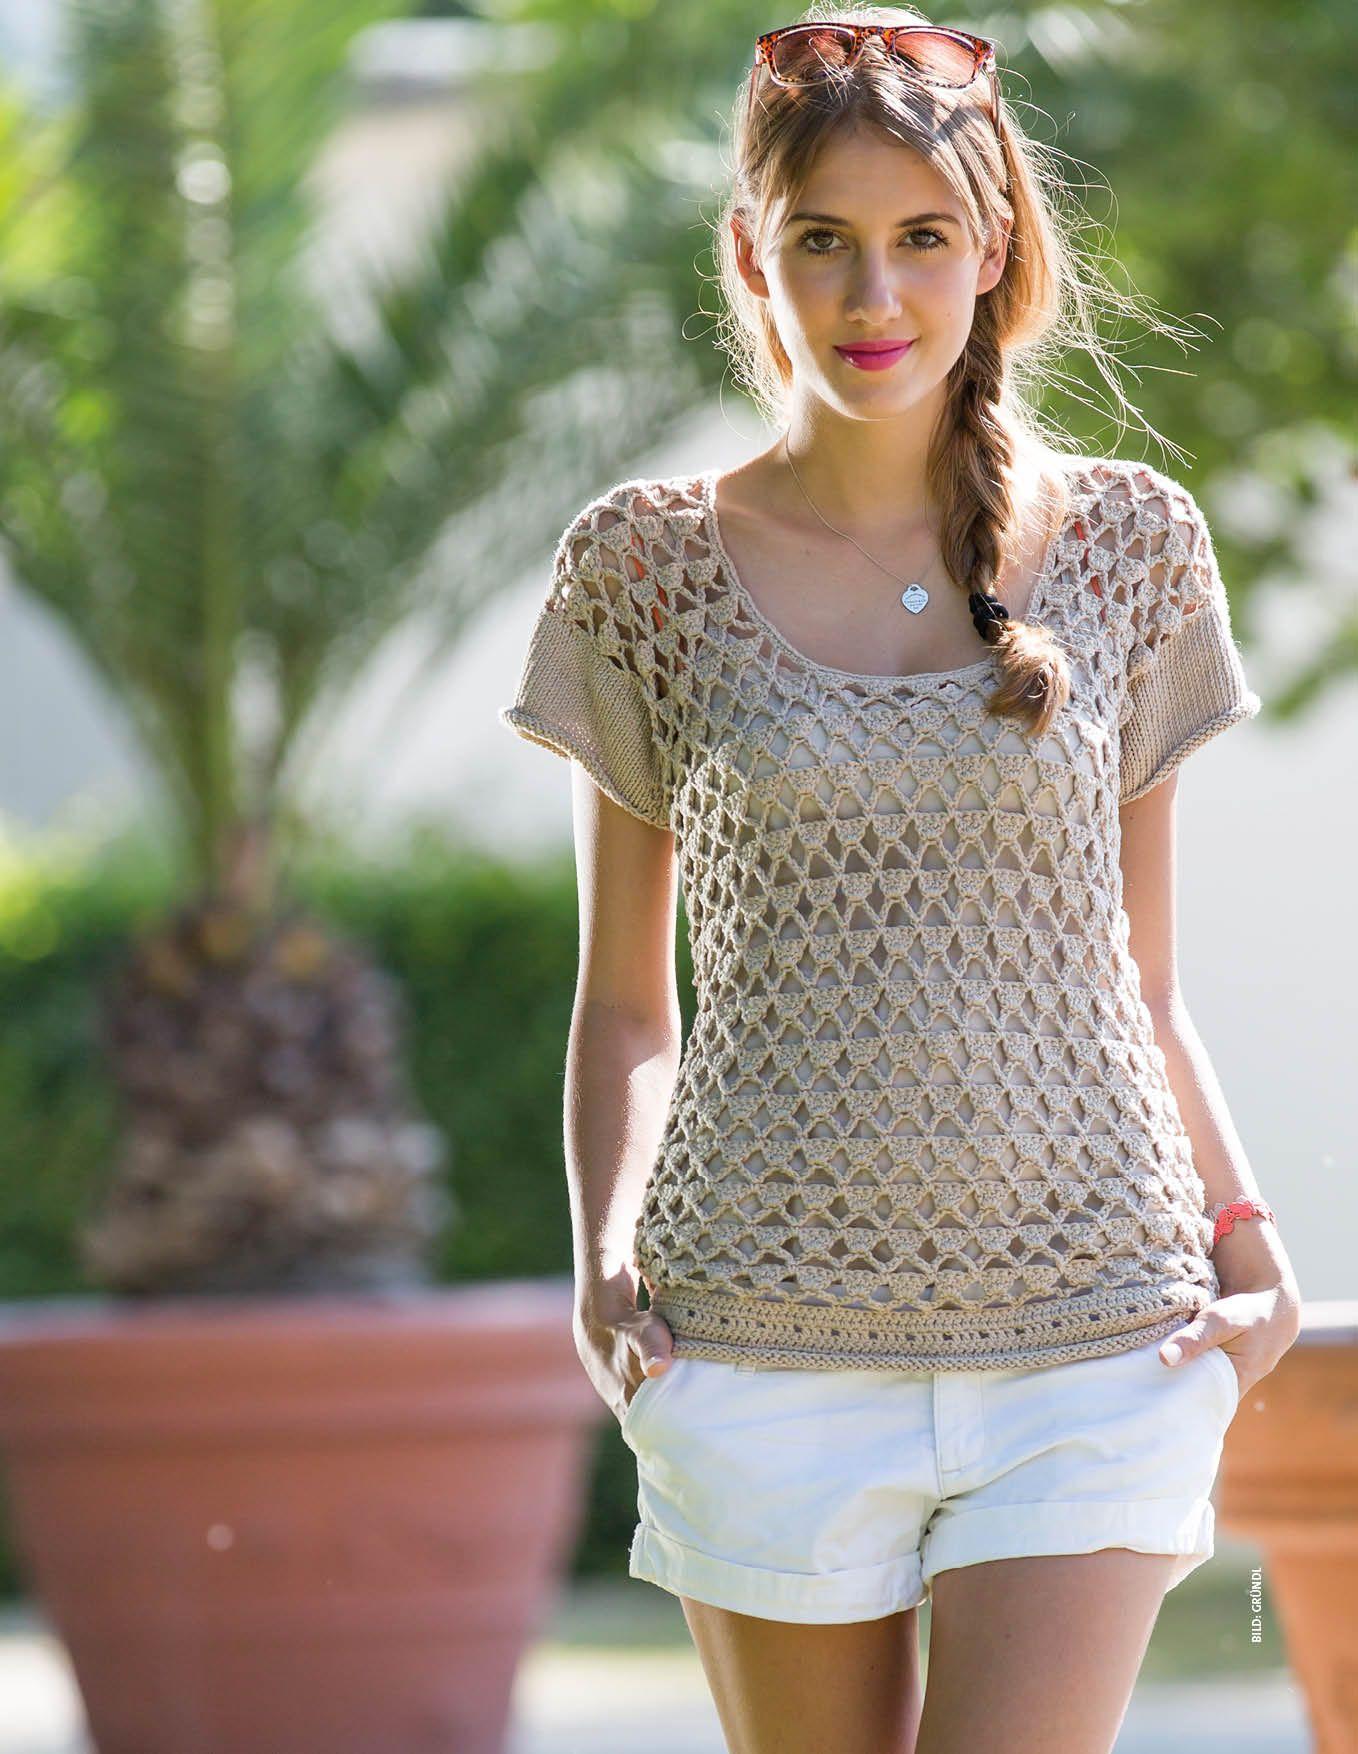 Sommerlich-frisch mit Hotpants | Sommer-Strick | Pinterest | Frisch ...